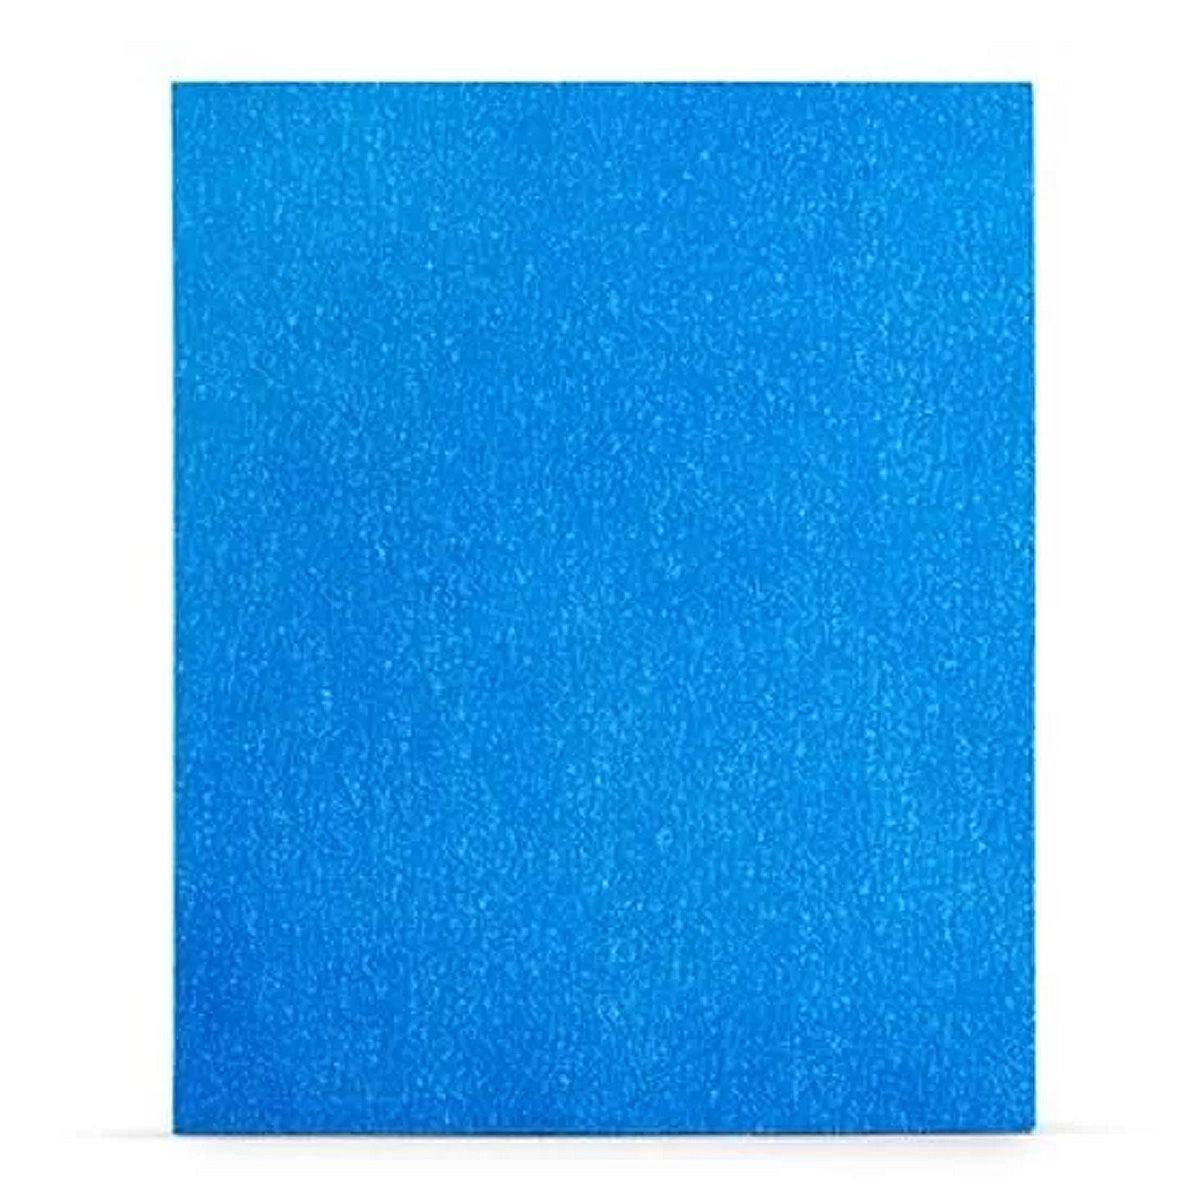 Lixa a Seco 338U Blue 150 225X275mm Unidade 3M